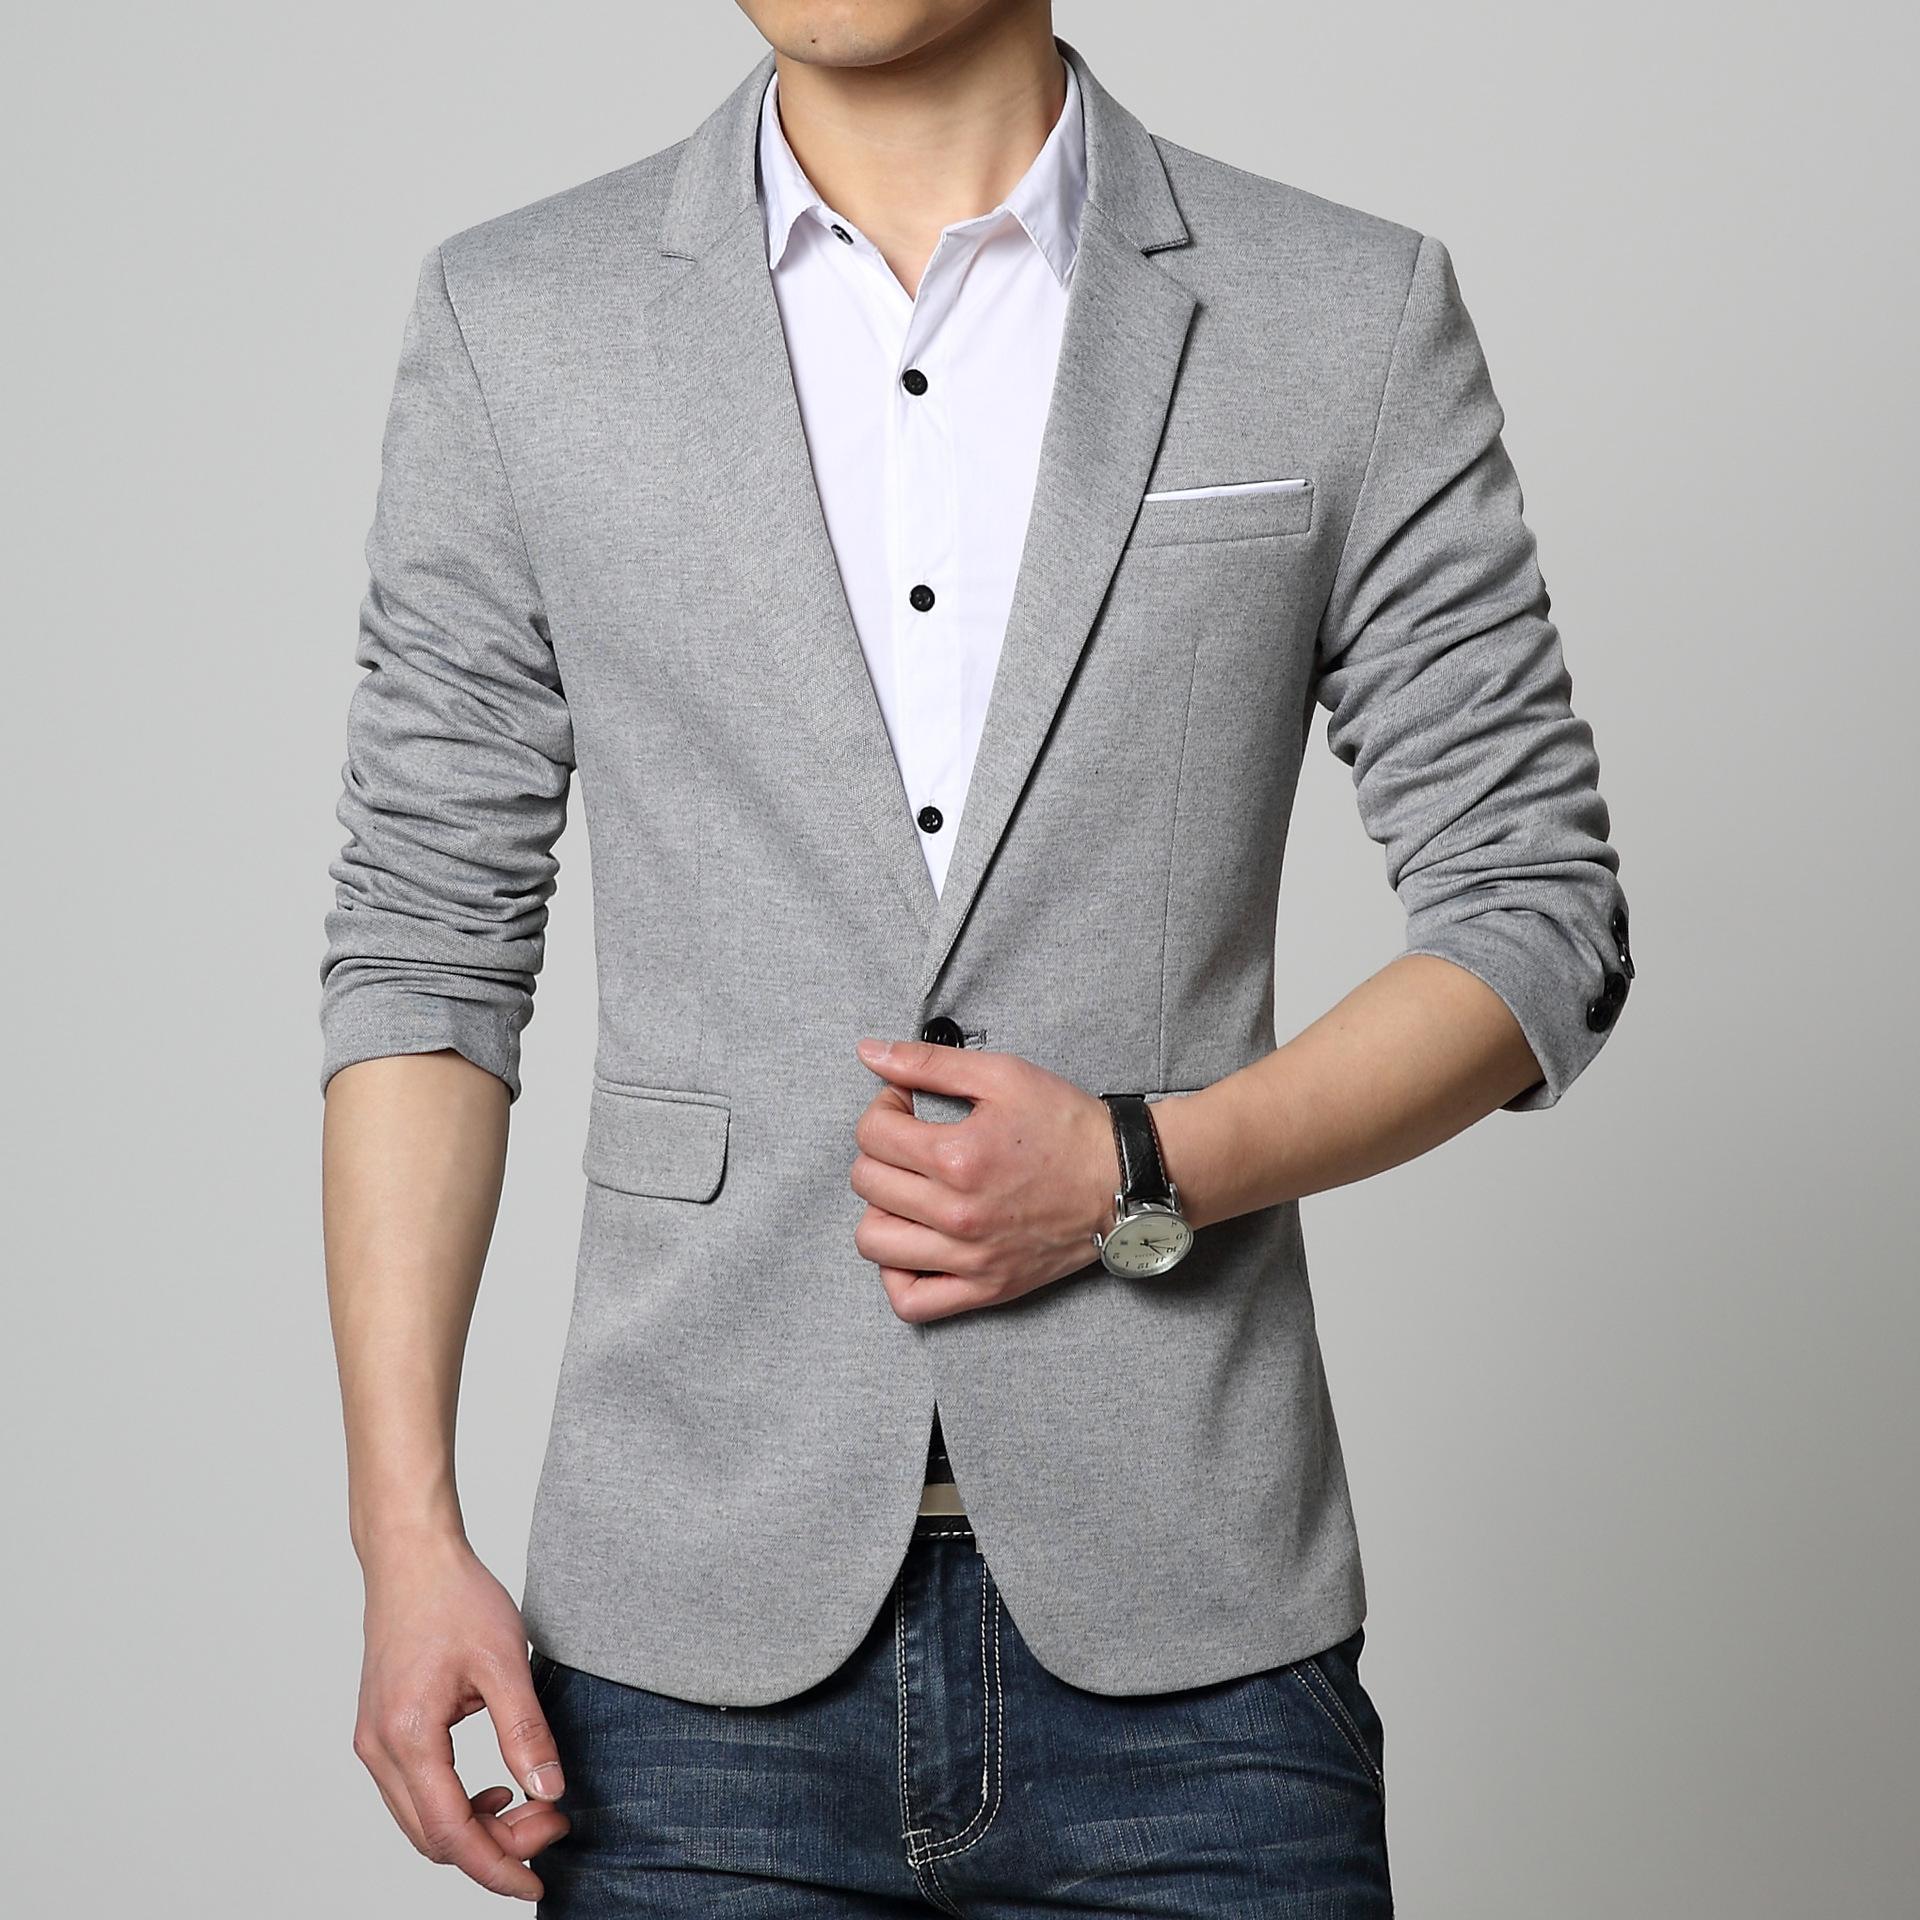 女生最喜欢的男士穿衣搭配风格